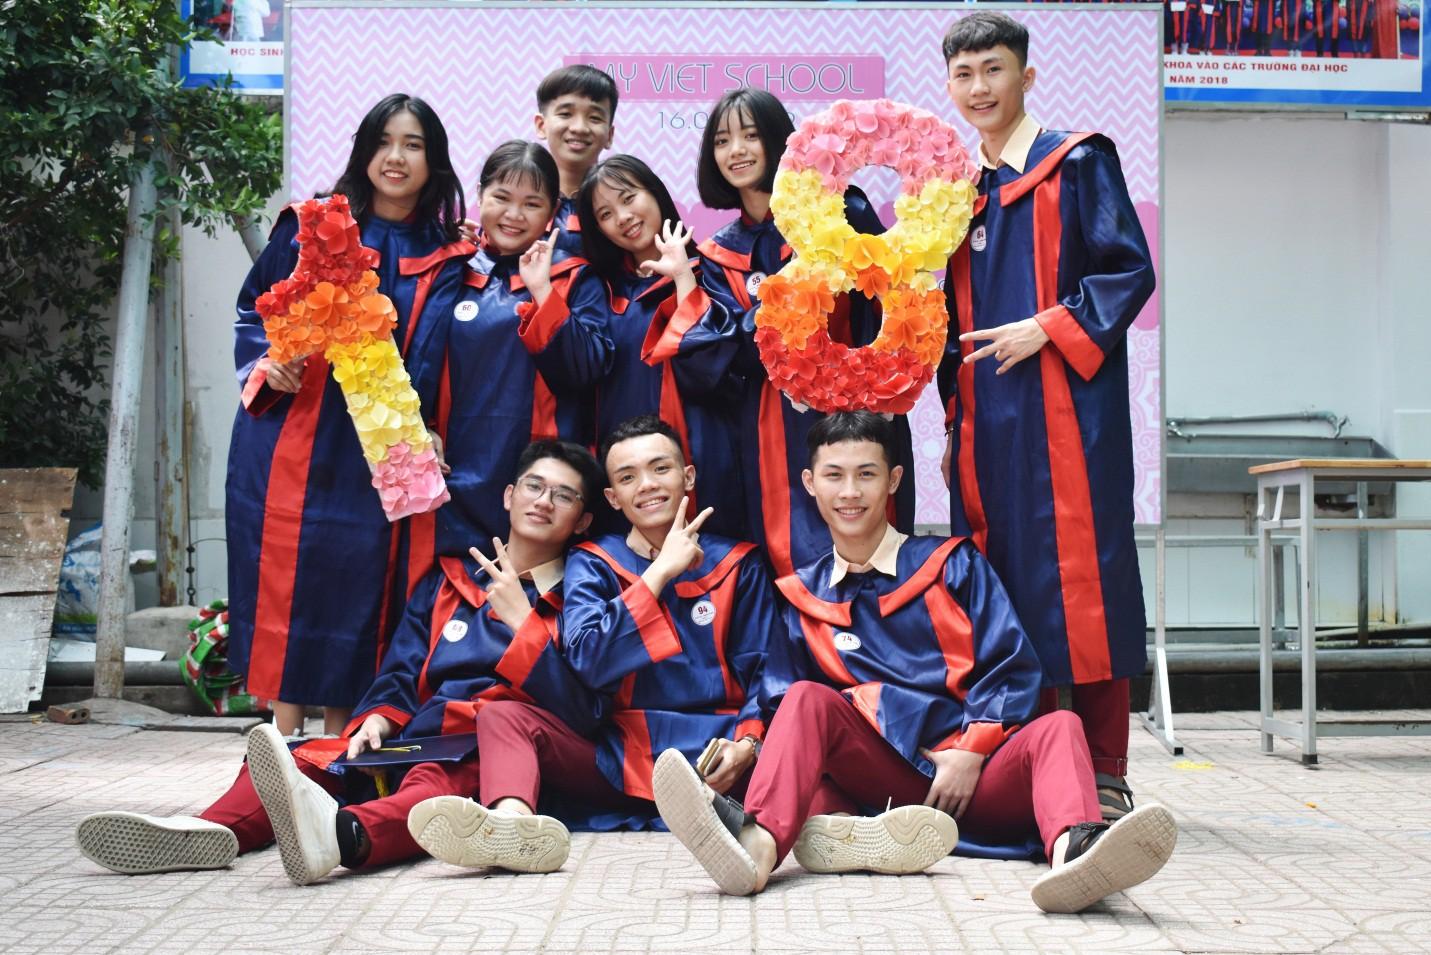 Nước mắt xen lẫn niềm vui trong lễ tri ân và trưởng thành của teen Mỹ Việt - Ảnh 1.